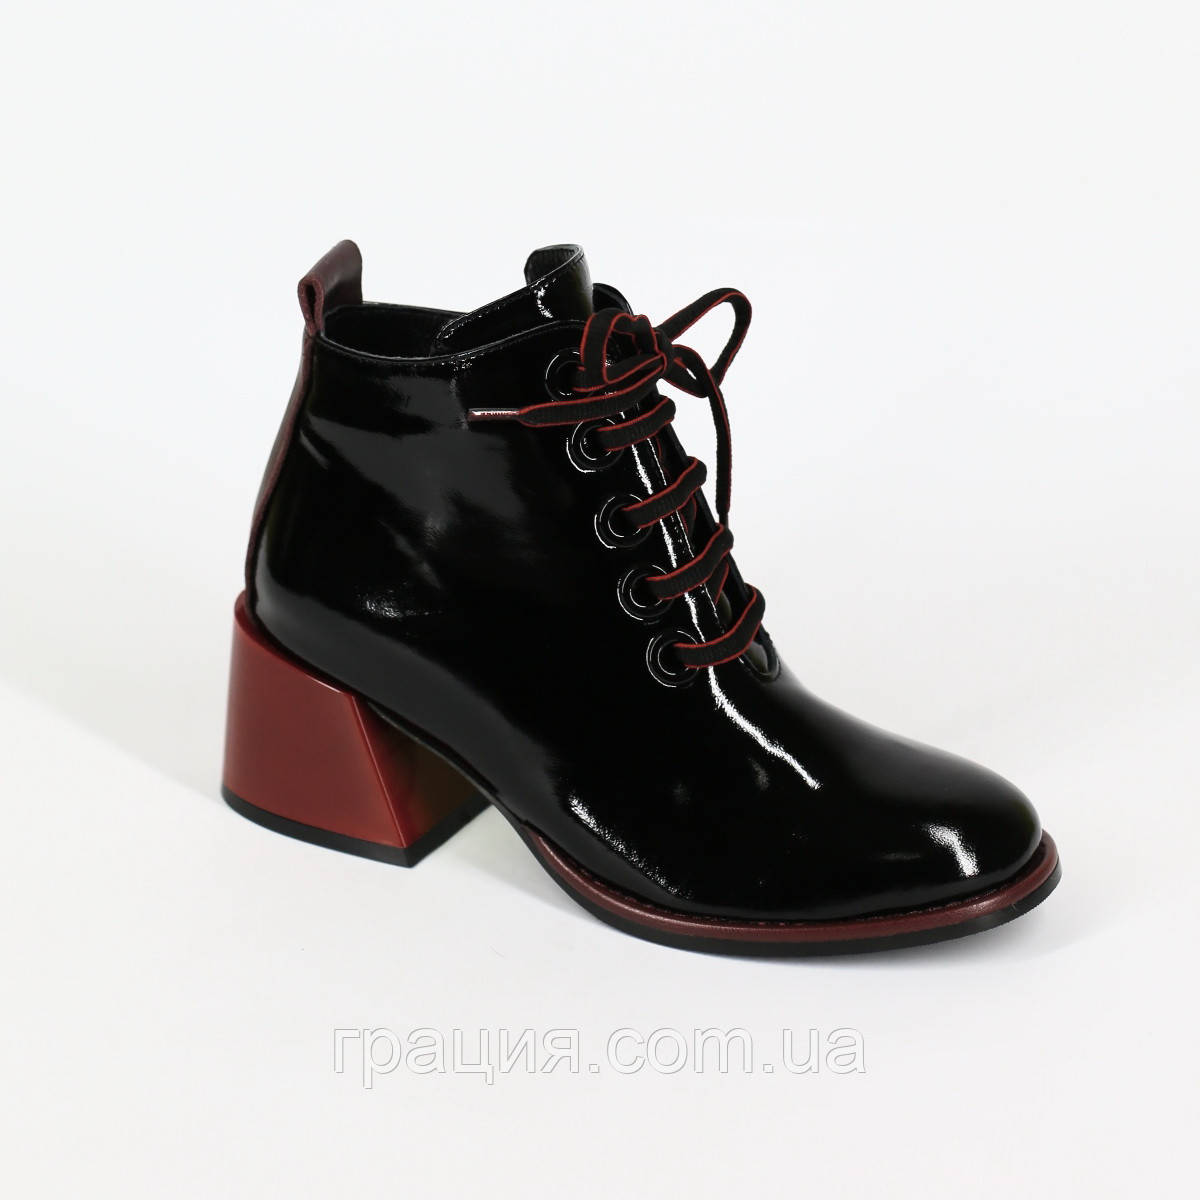 Стильні лакові черевики на байку зі шнурівкою